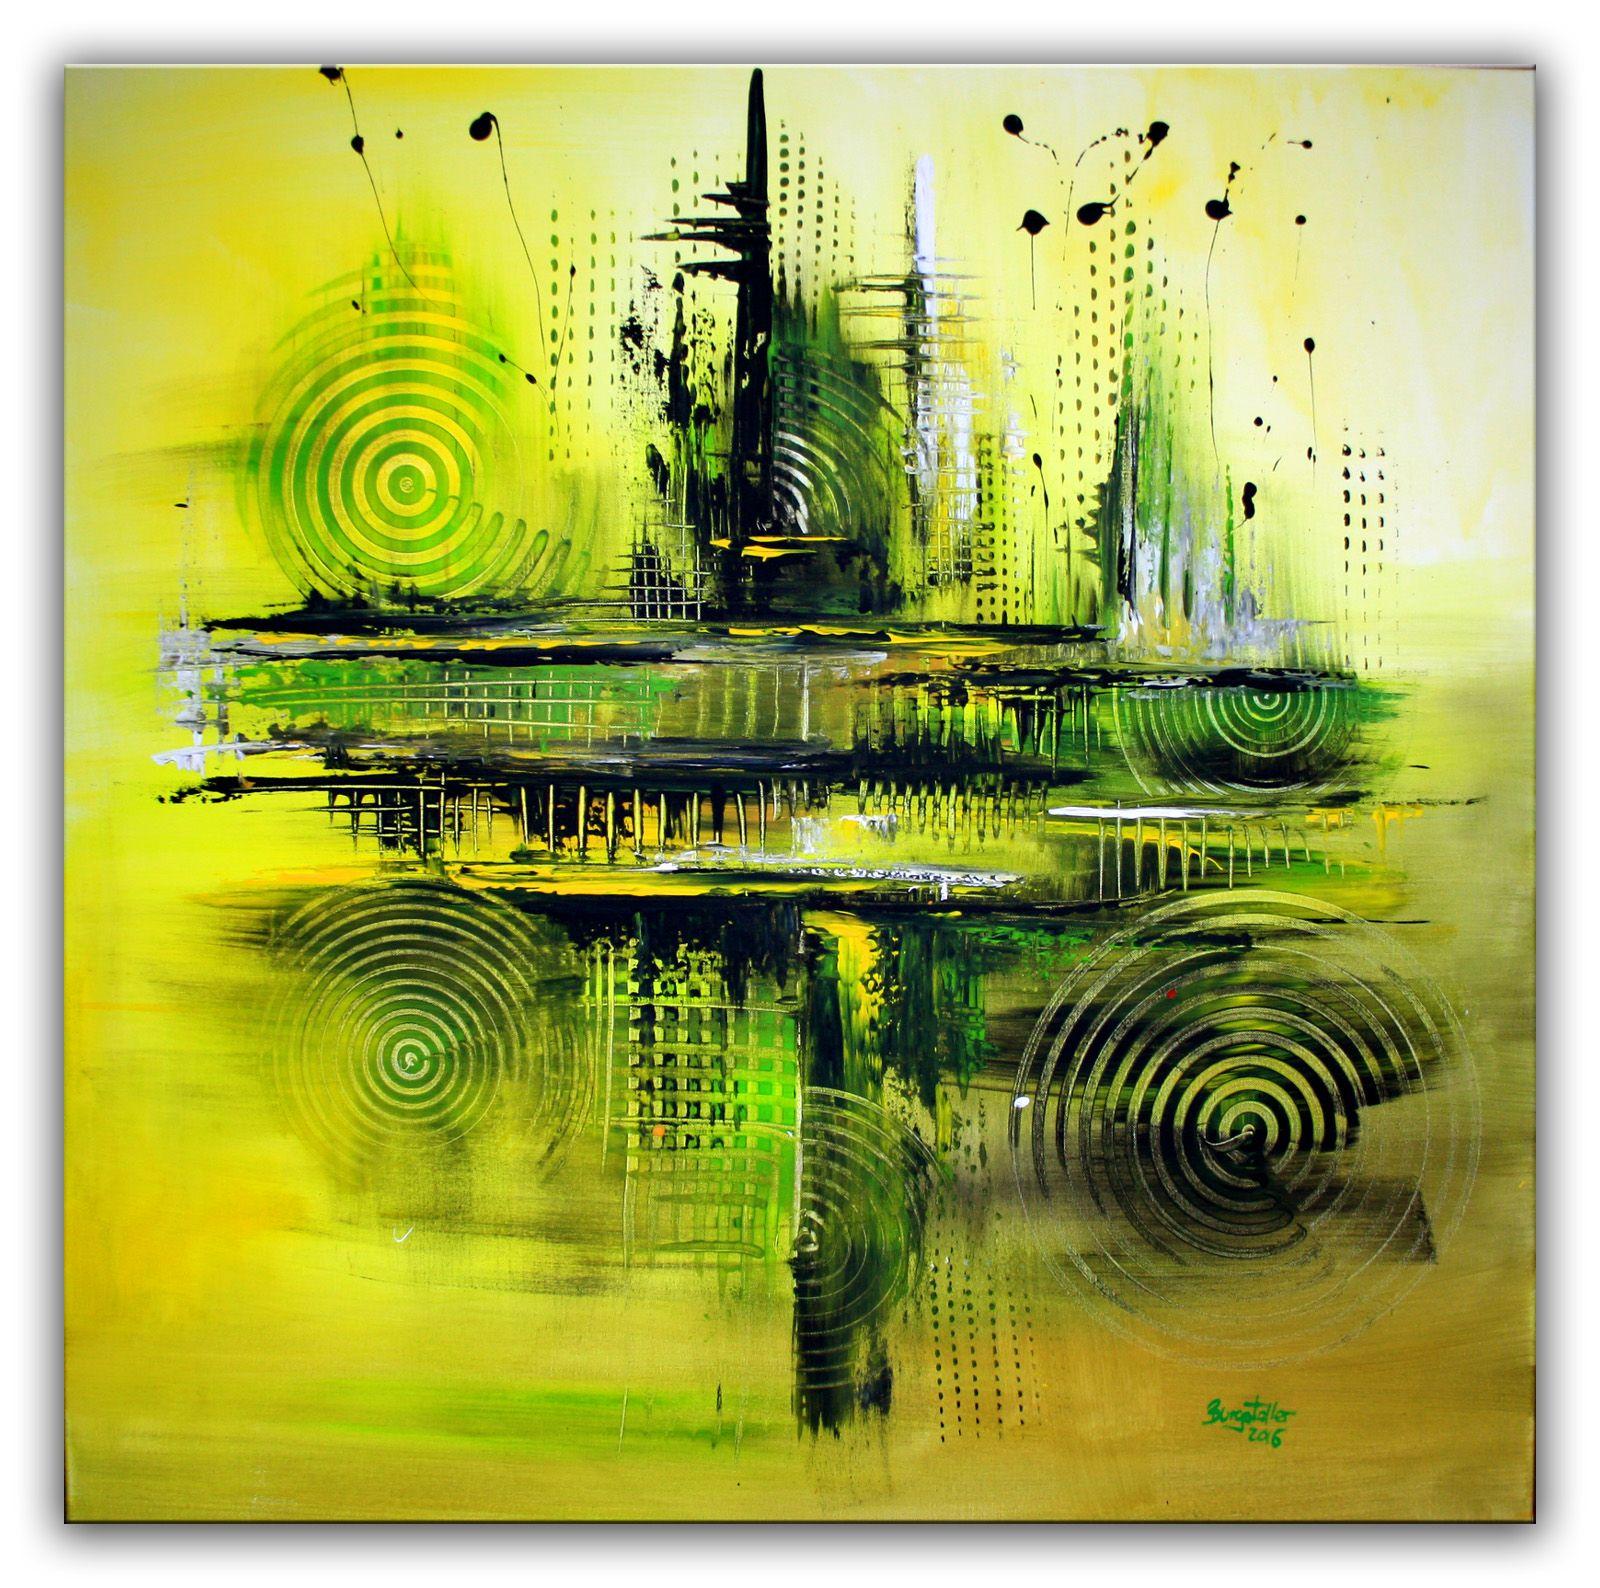 Abstrakte wandbilder vom k nstler original bilder - Gemalte wandbilder ...